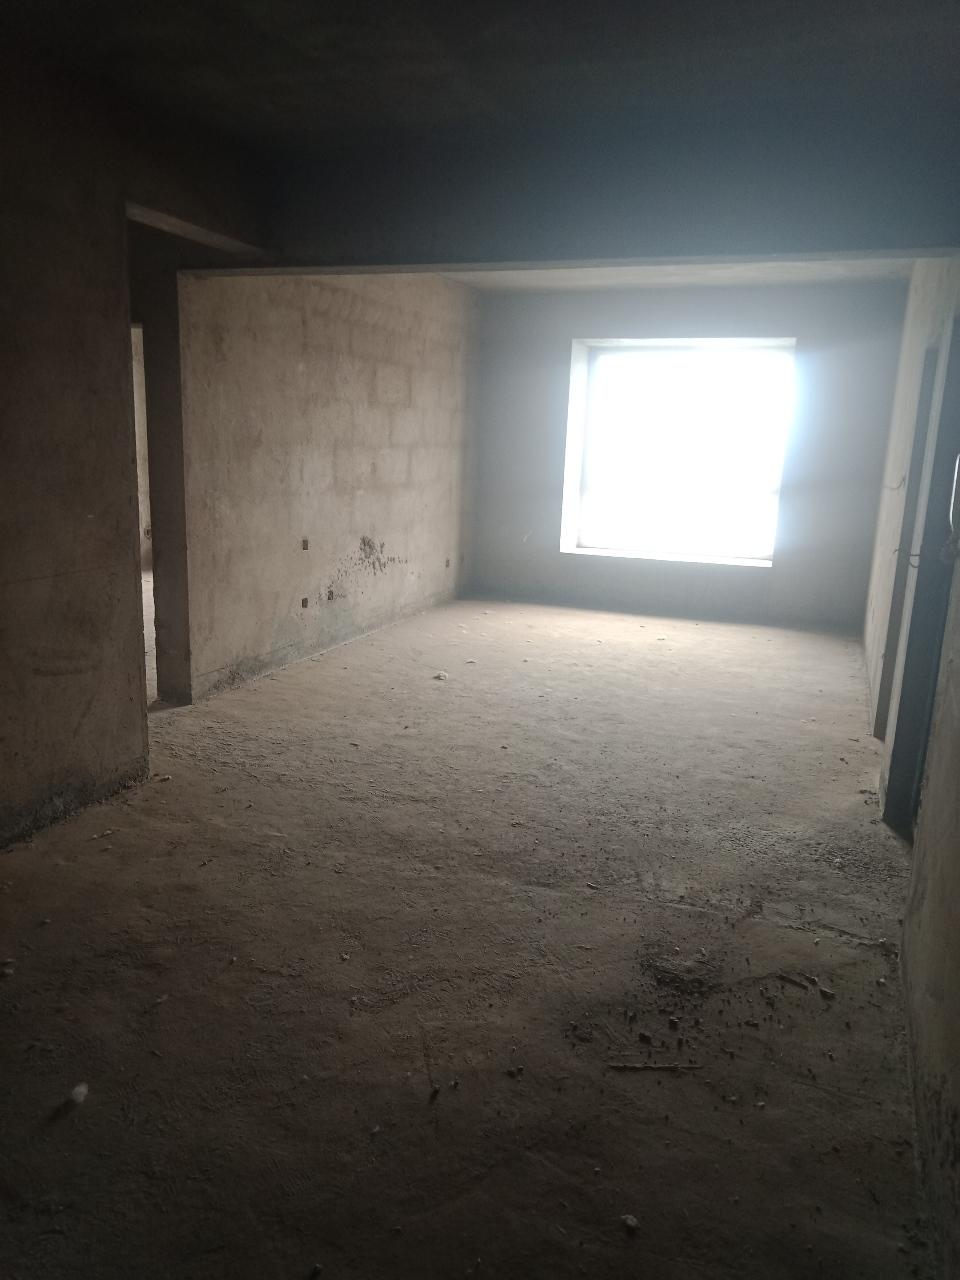 澳门银河娱乐在线红星教育小区3室 2厅 1卫42万元